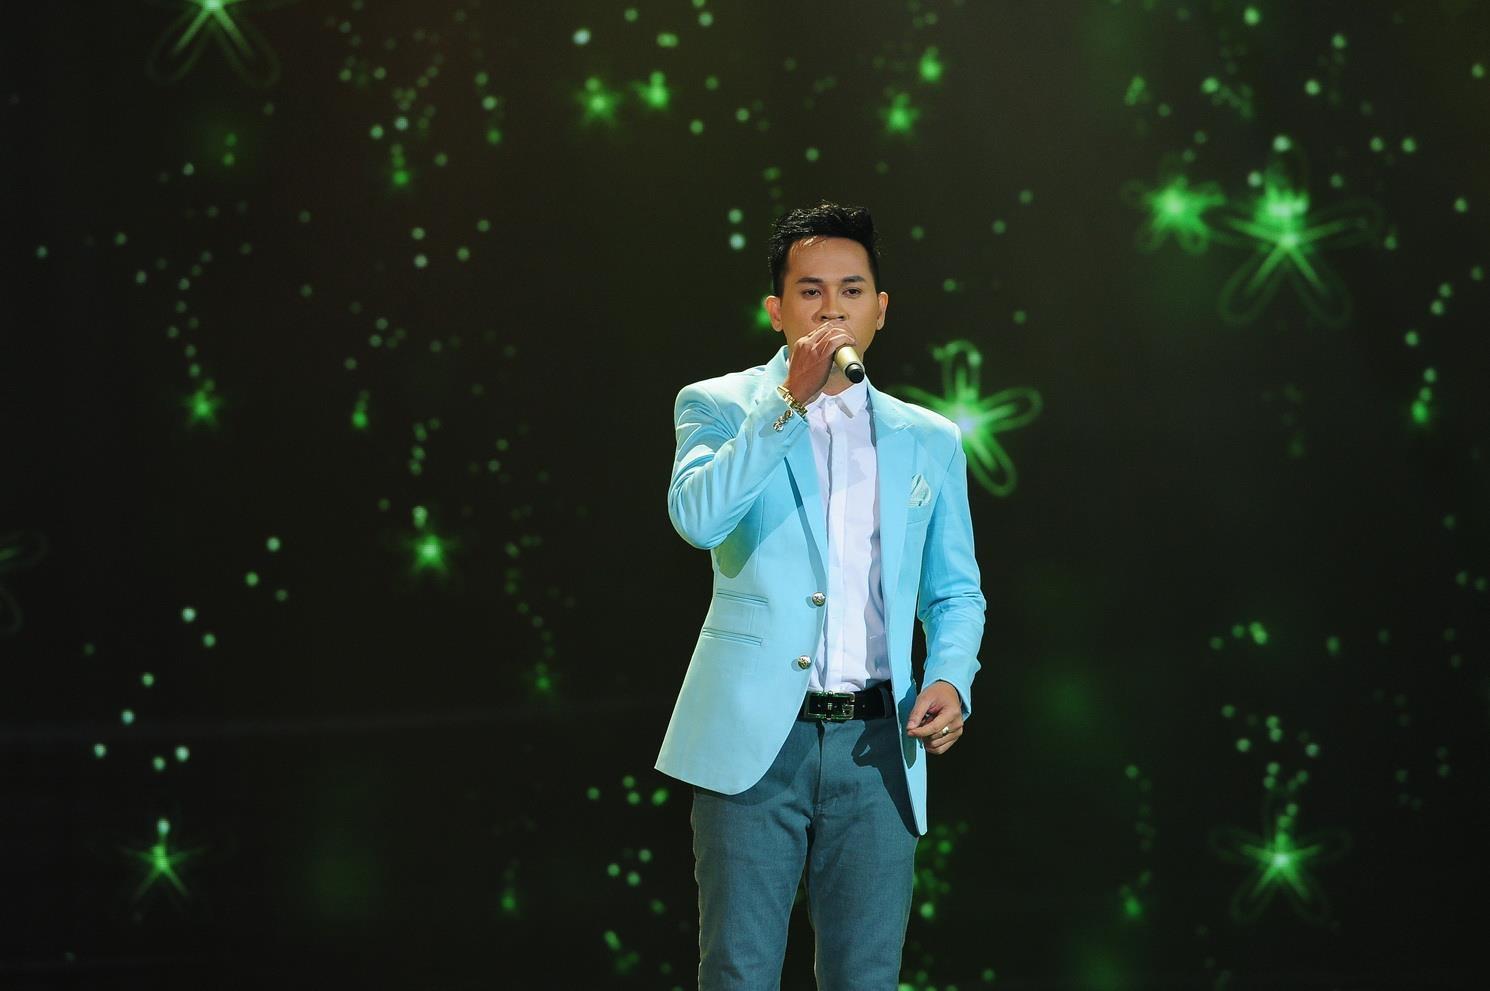 |Hoàng Nhật Minh - học trò của Hồng Nhung tại Giọng hát Việt mùa 2 khôn ngoan hơn với lựa chọn ca khúc Phút cuối